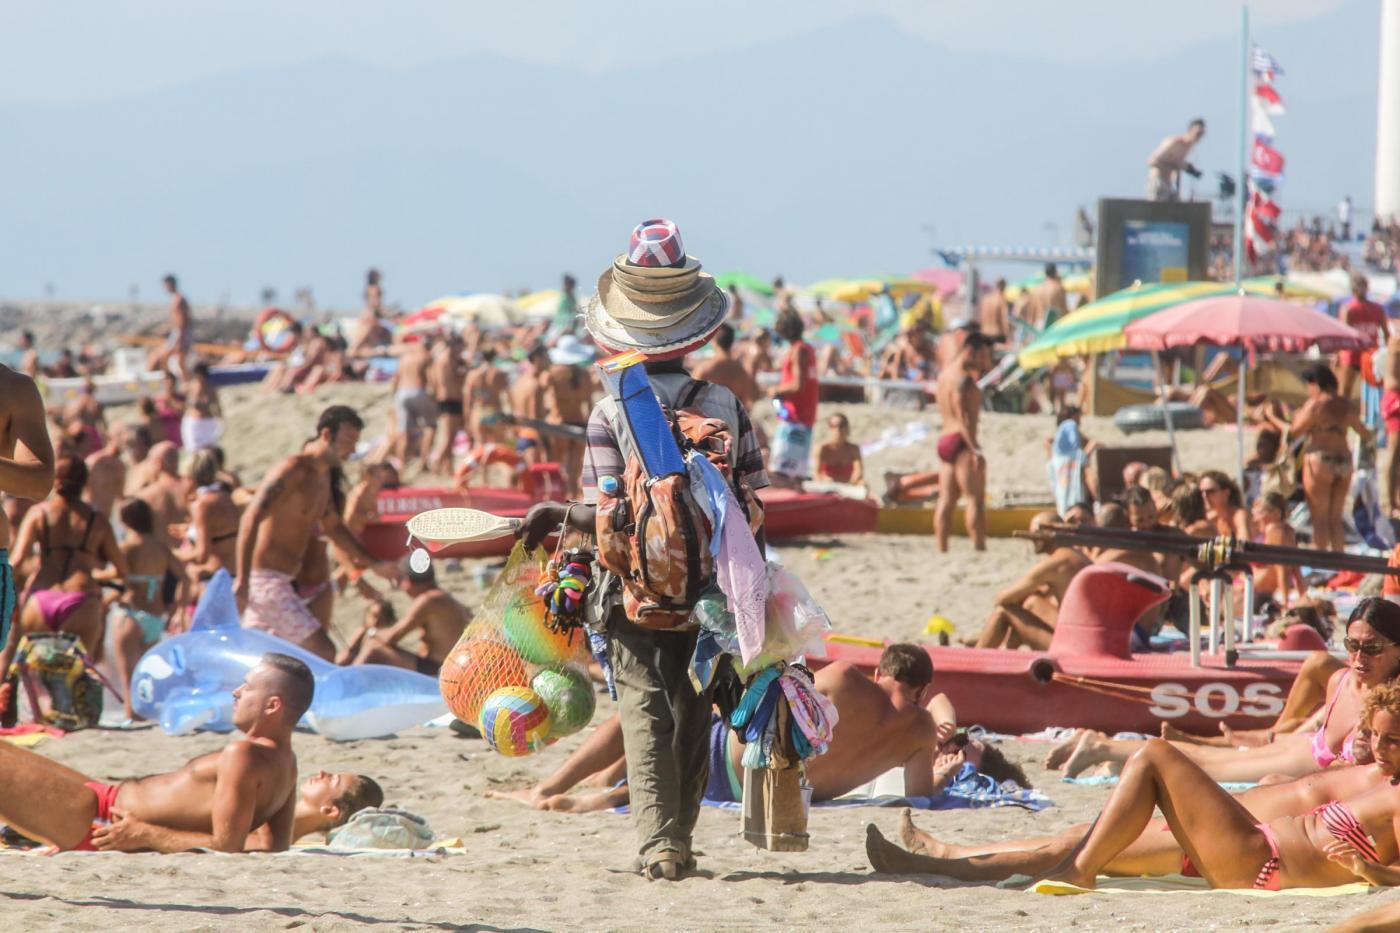 Terrorismo, allarme attentati sulle spiagge italiane, spagnole e francesi